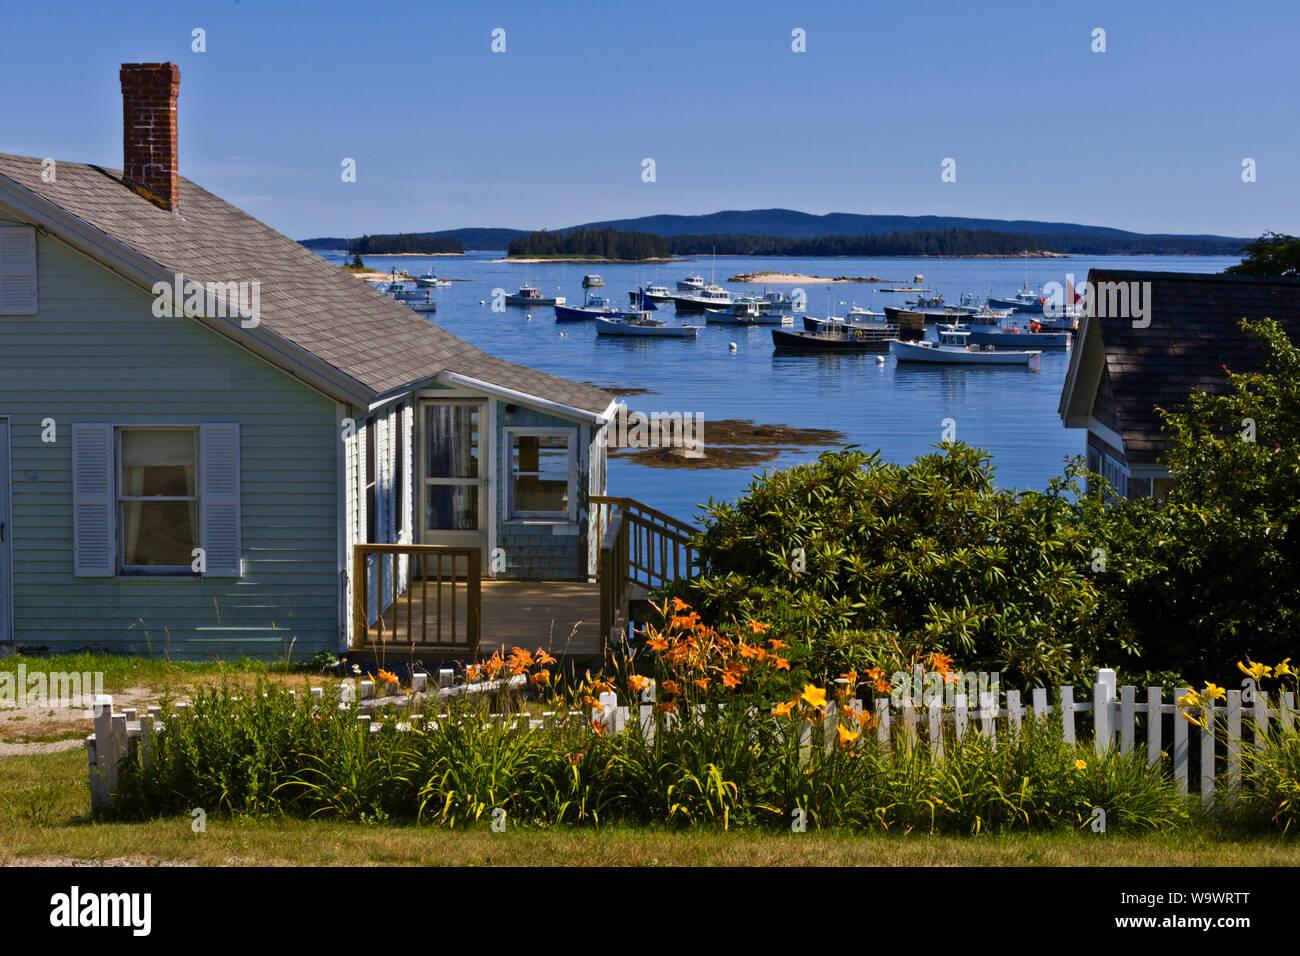 Los barcos pesqueros anclados en STONINGTON un importante puerto de pesca de langosta y destino turístico - Deer Island, Maine Foto de stock